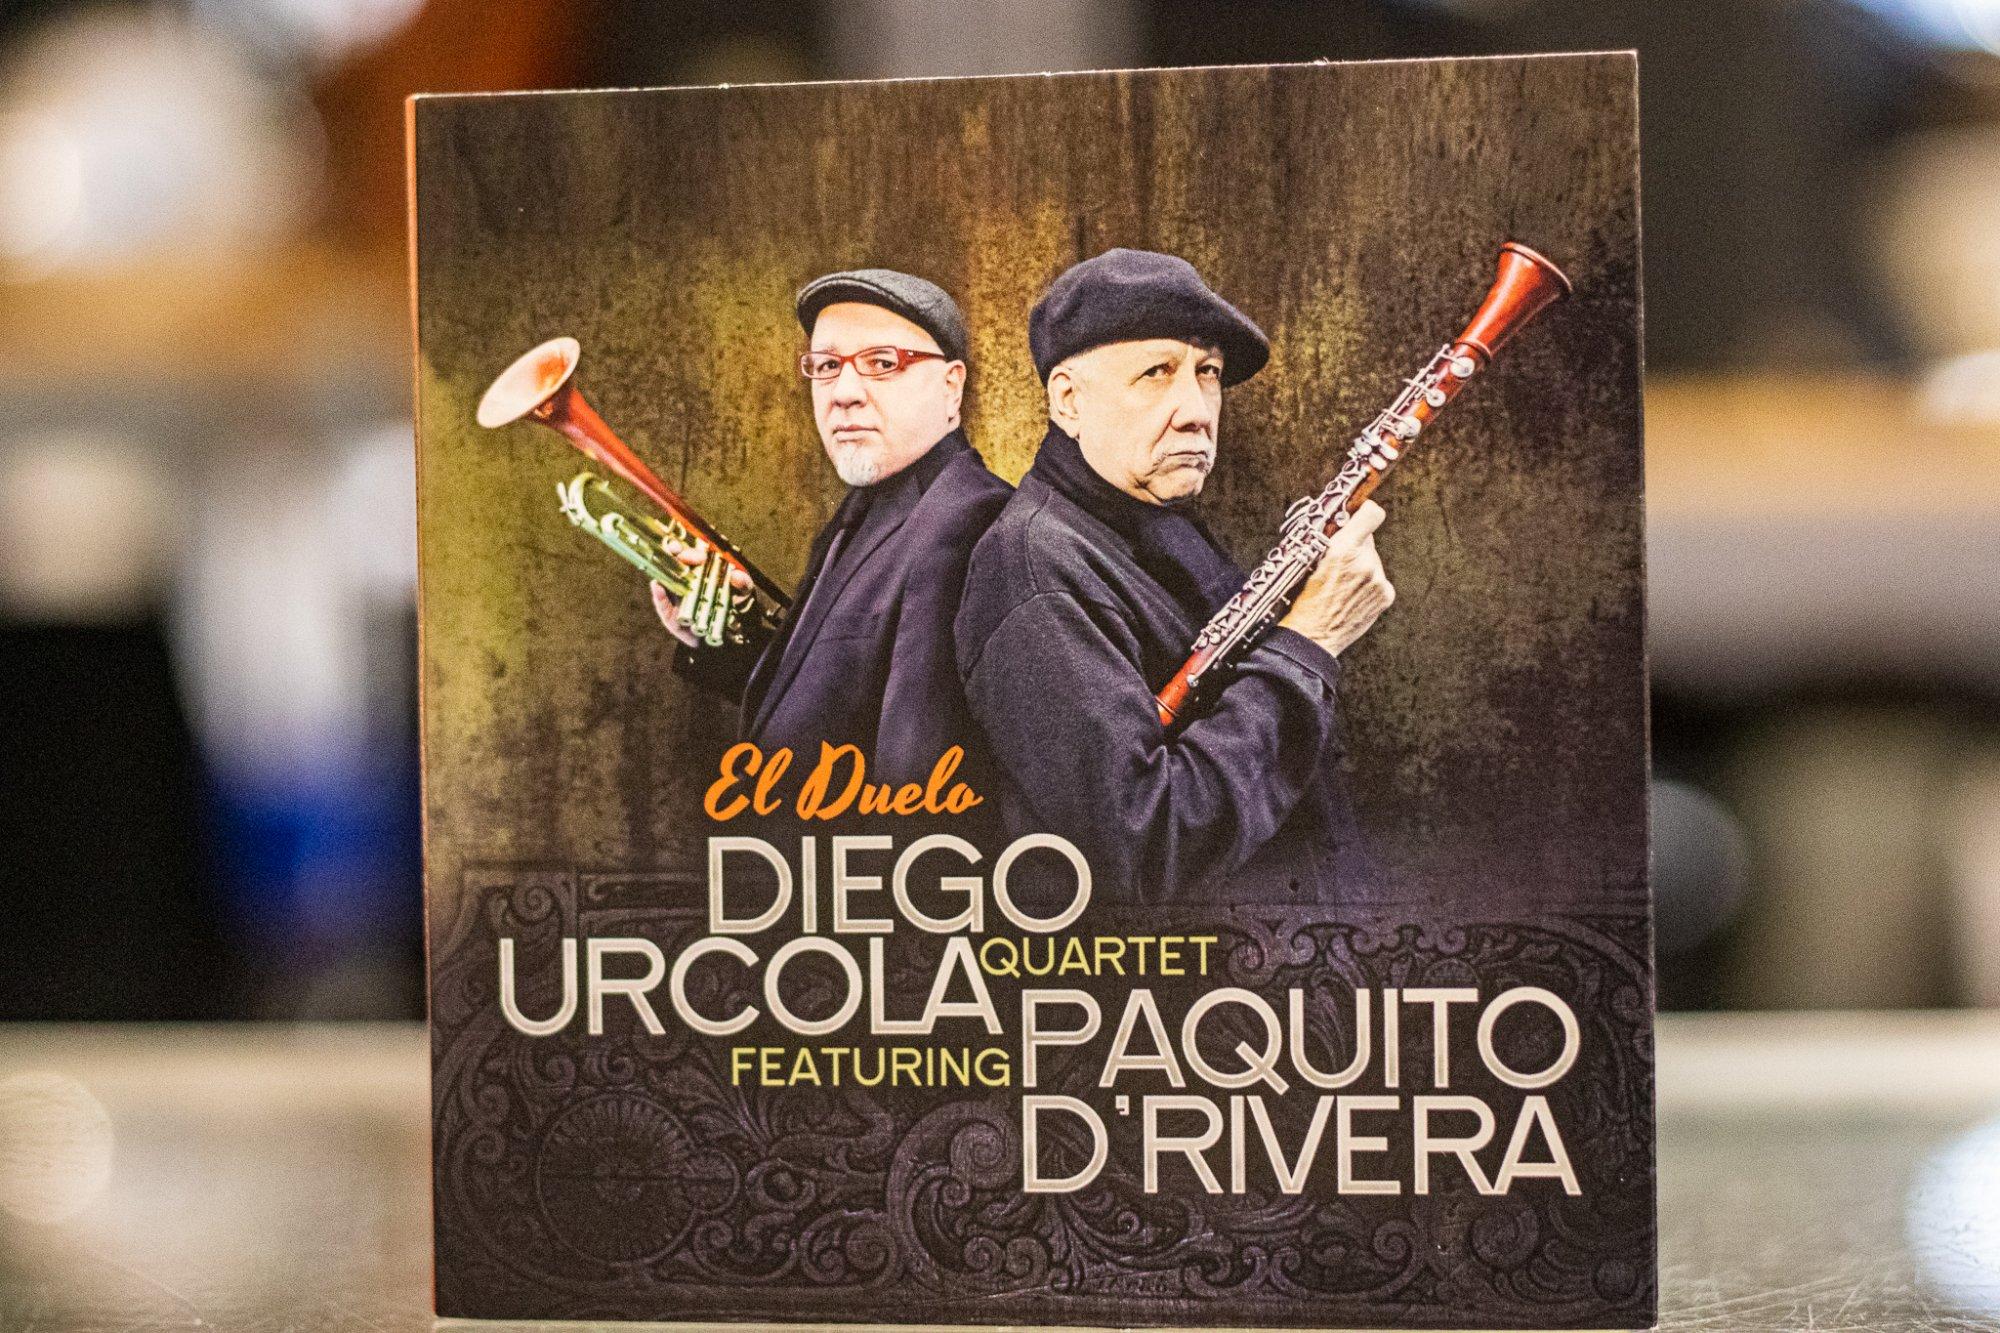 Diego Urcola Quartet featuring Paquito D'Rivera